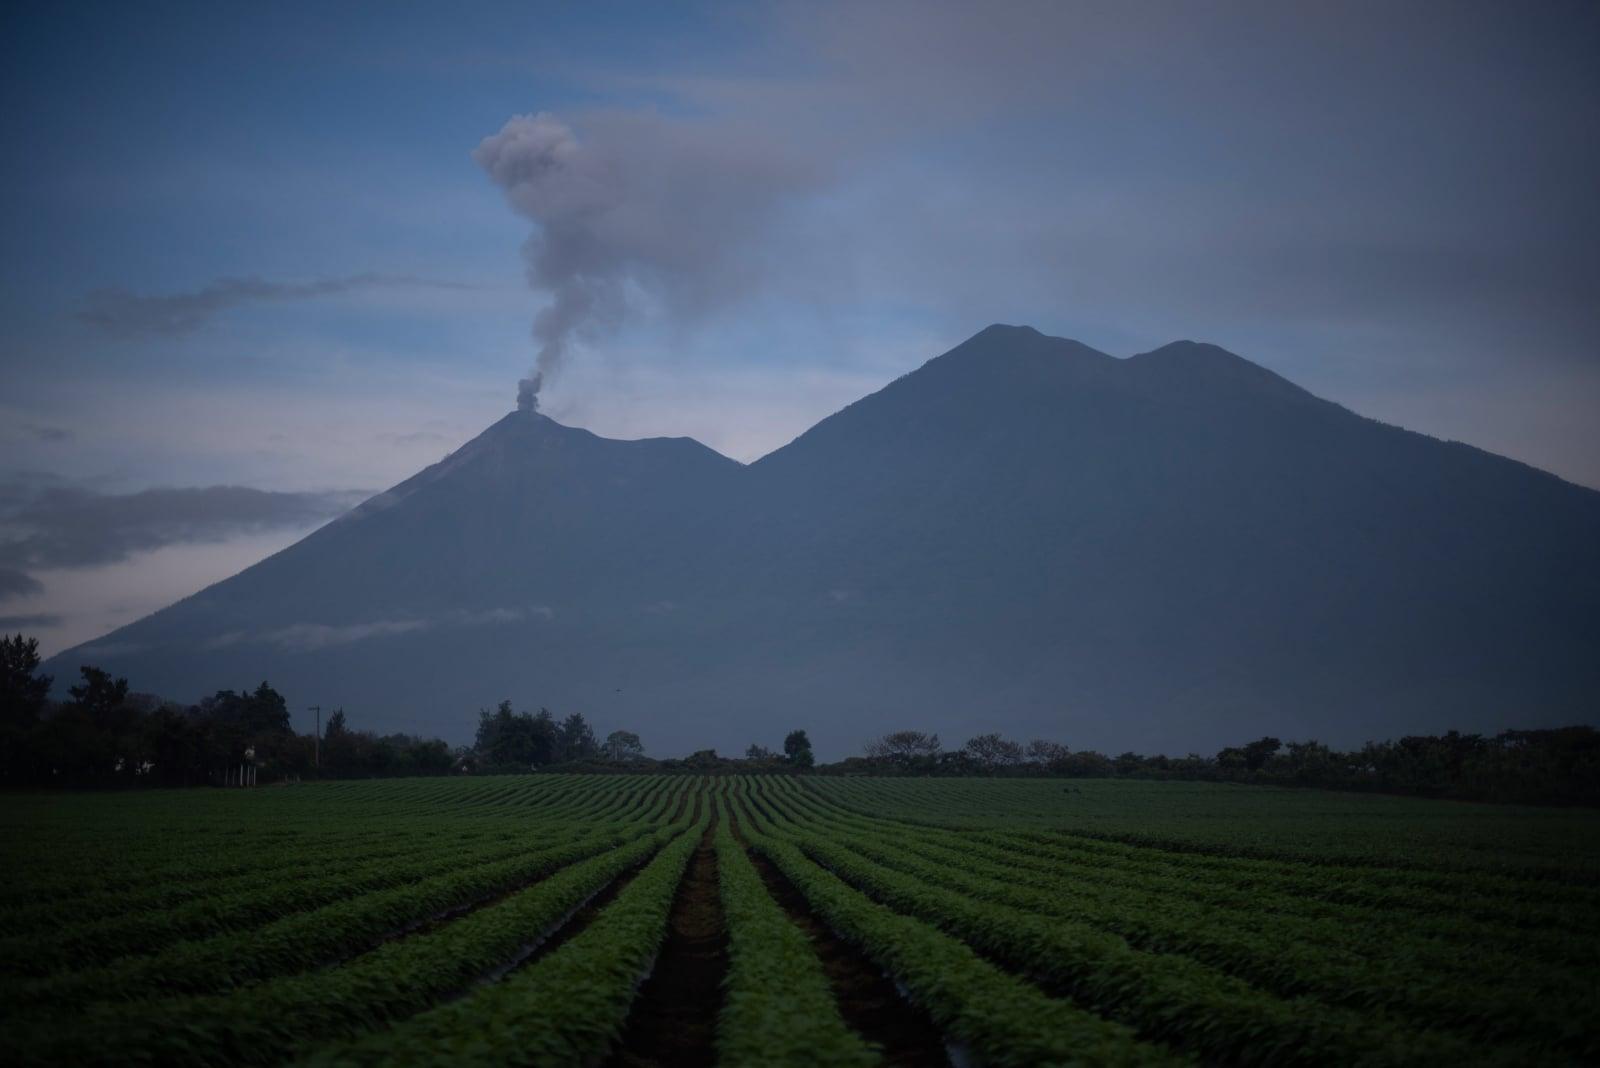 Wulkan Fuego w La Reunion w Gwatemali, który wybuchł 3 czerwca i zabił co najmniej 114 osób, fot. EPA/SANTIAGO BILLY